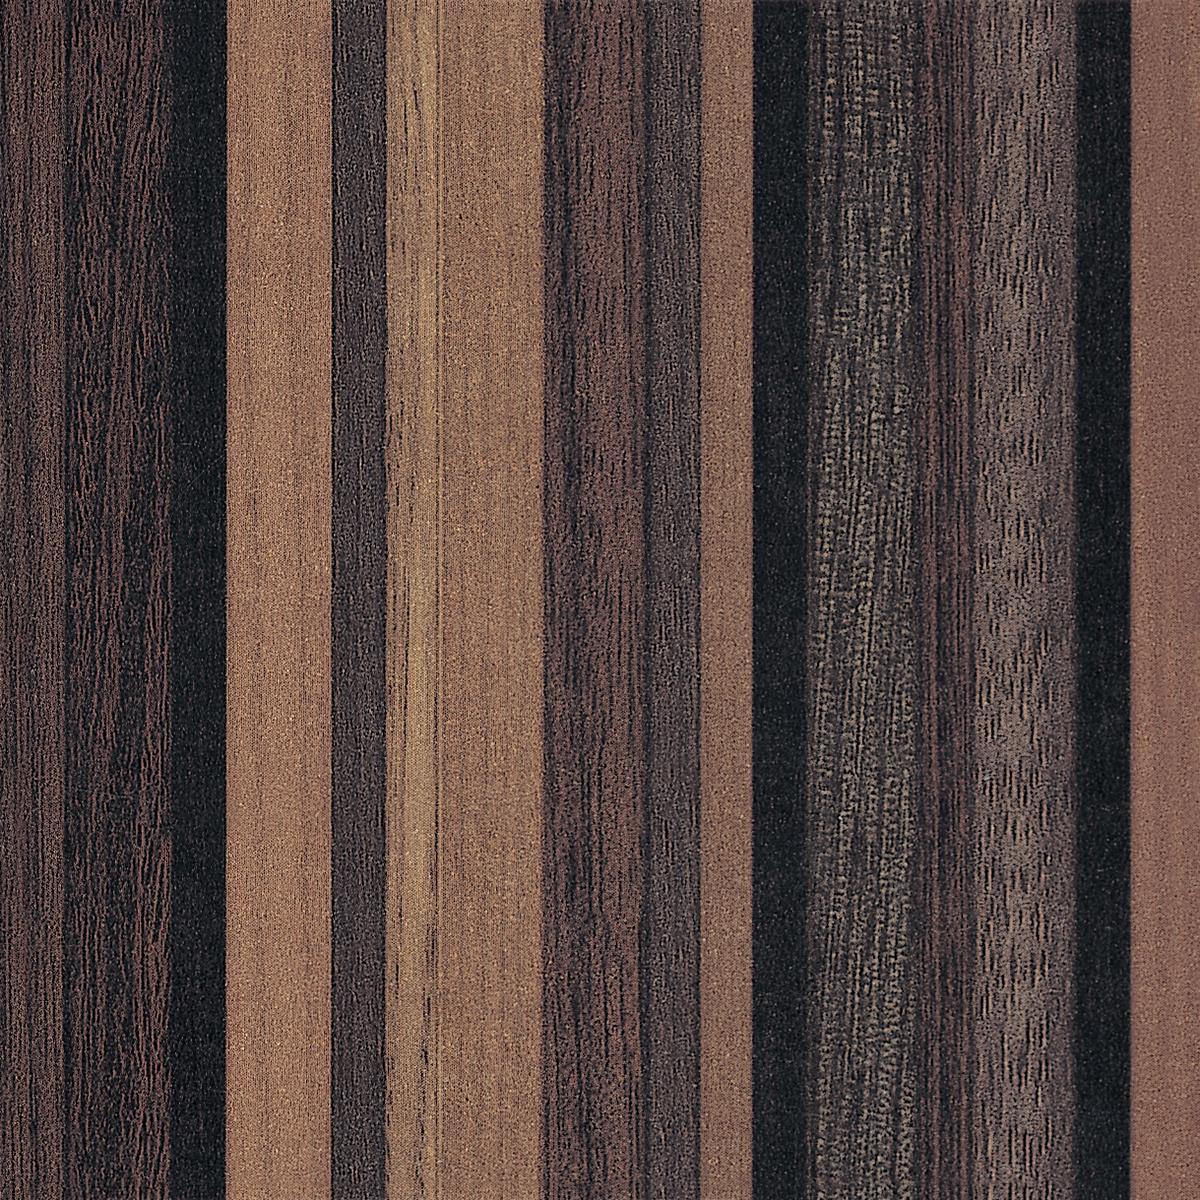 Myriad Ribbonwood by Formica